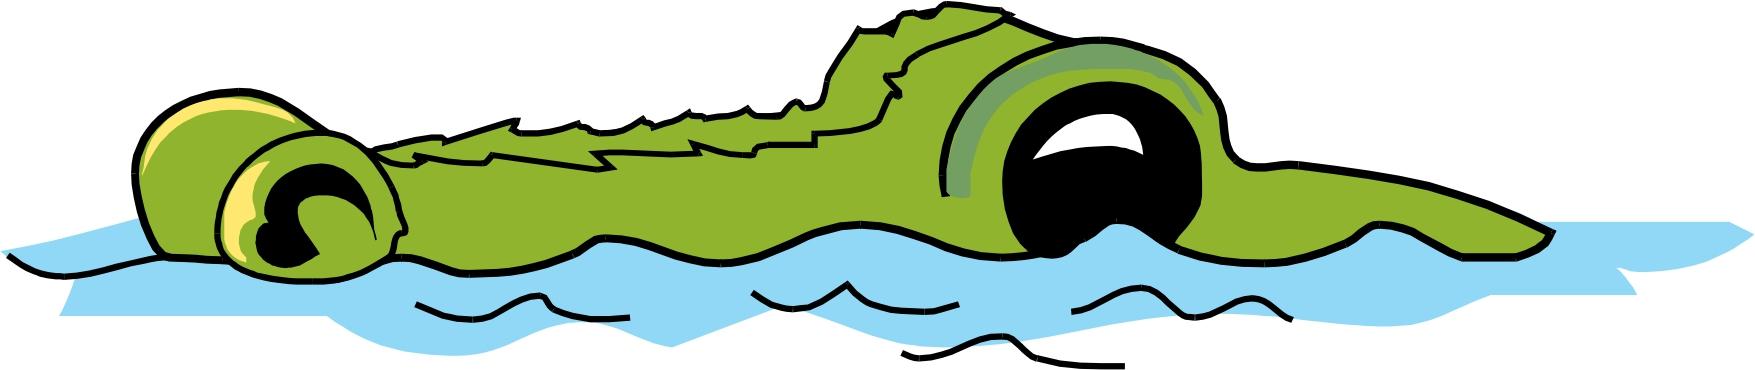 Alligator Clip Art Free - Cliparts.co